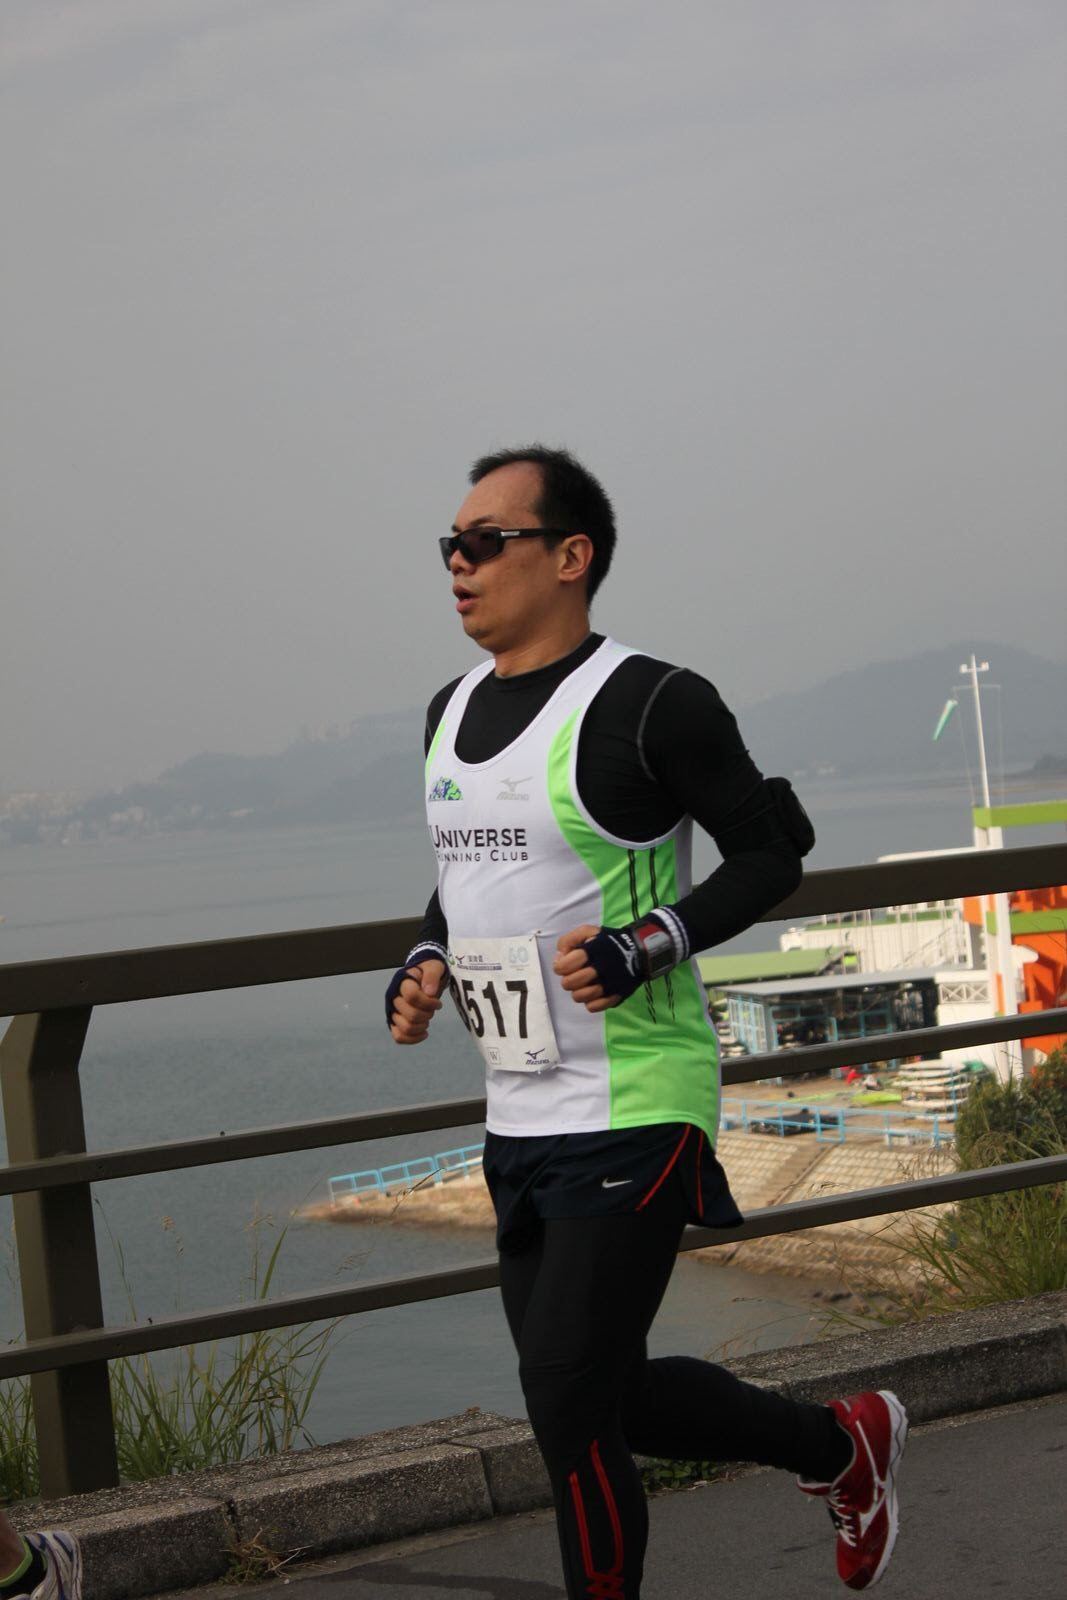 認真工作之餘,陳志峰平日亦喜歡做運動。(圖片由受訪者提供)